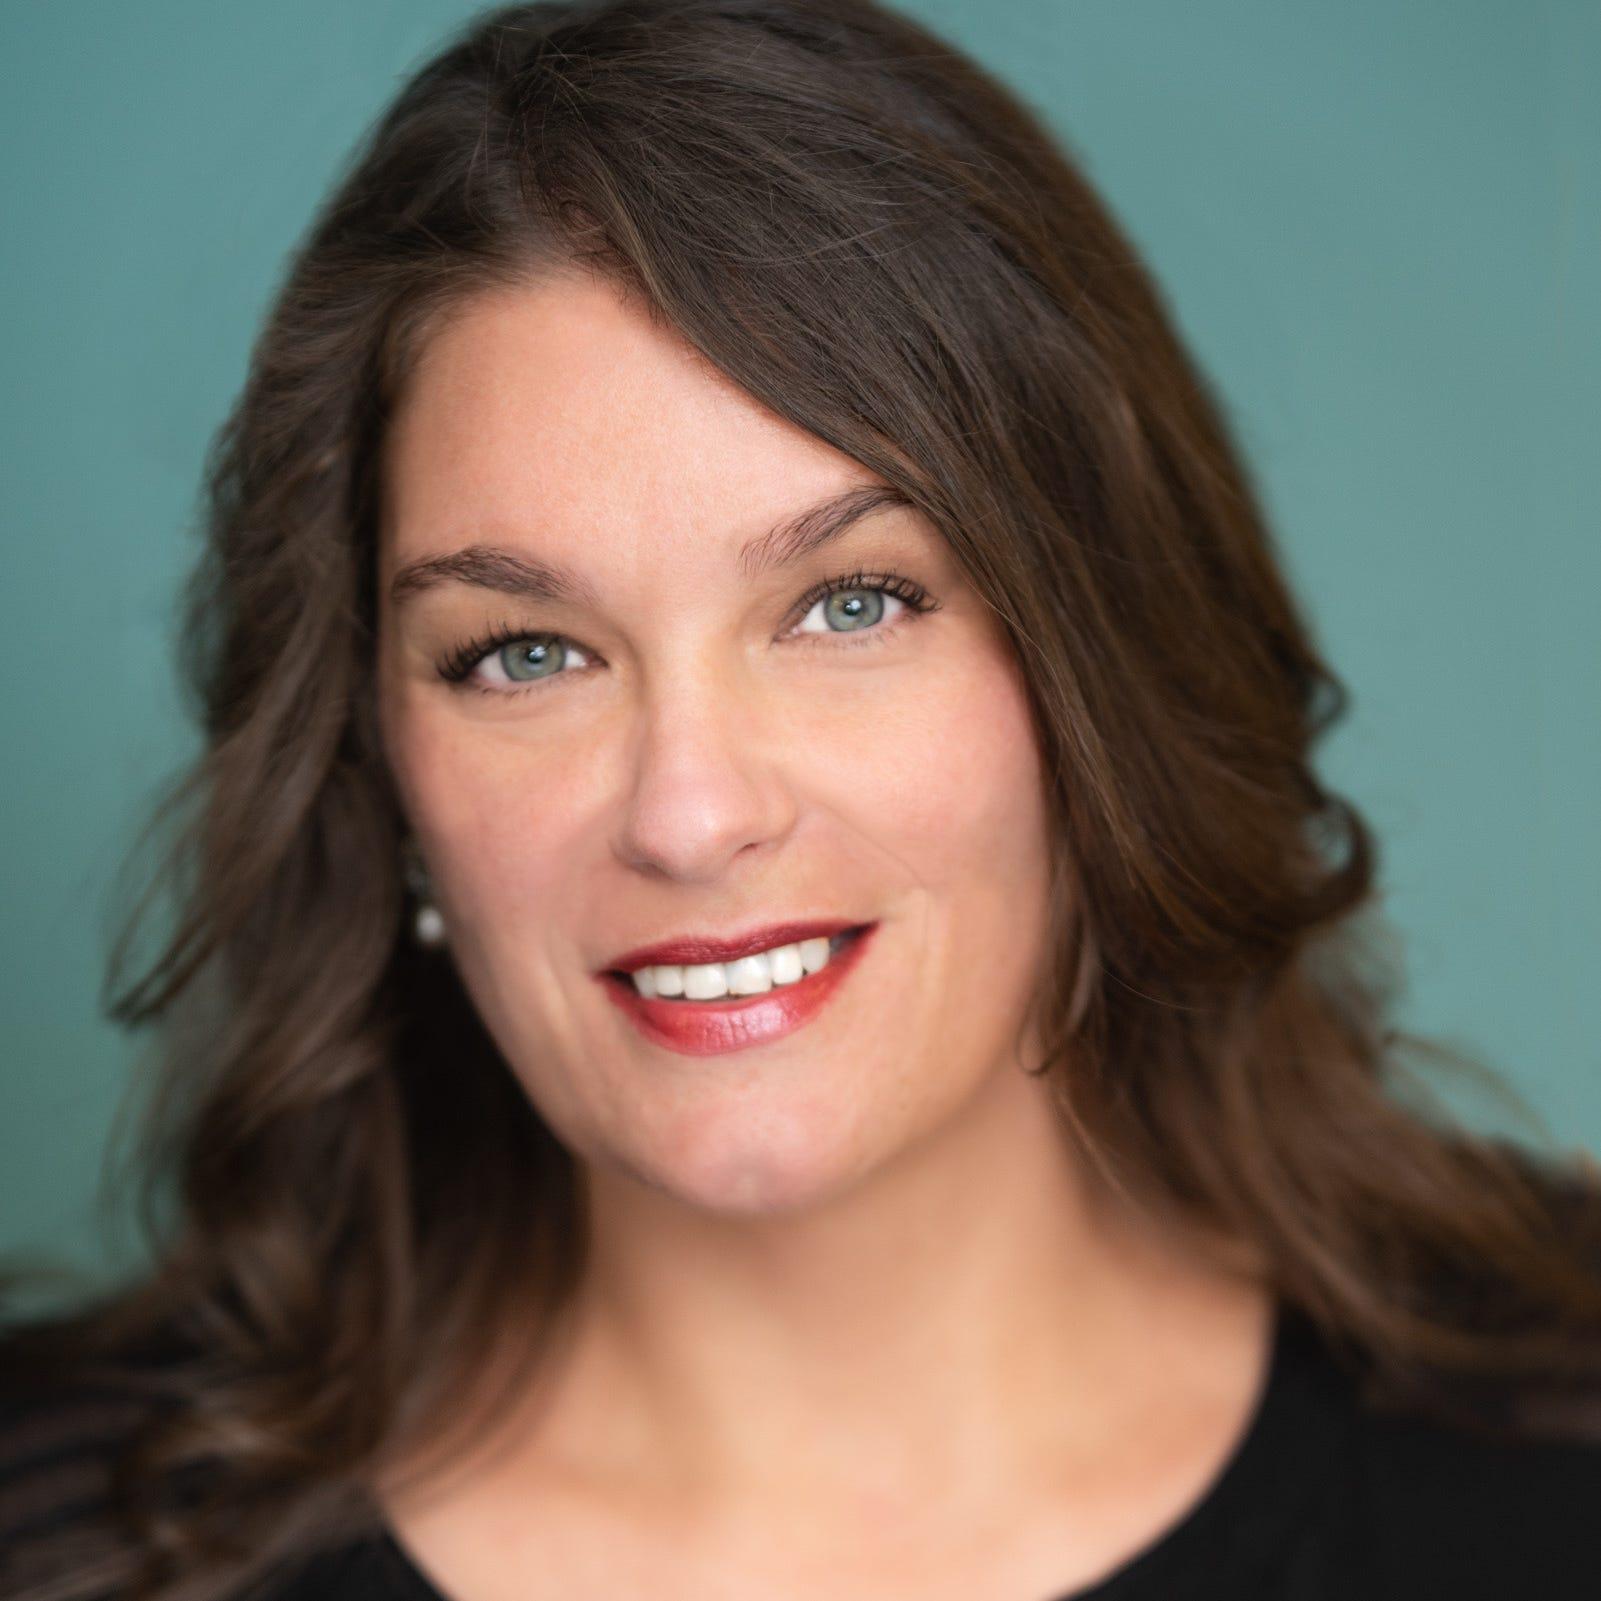 Lisa Nellessen Savage